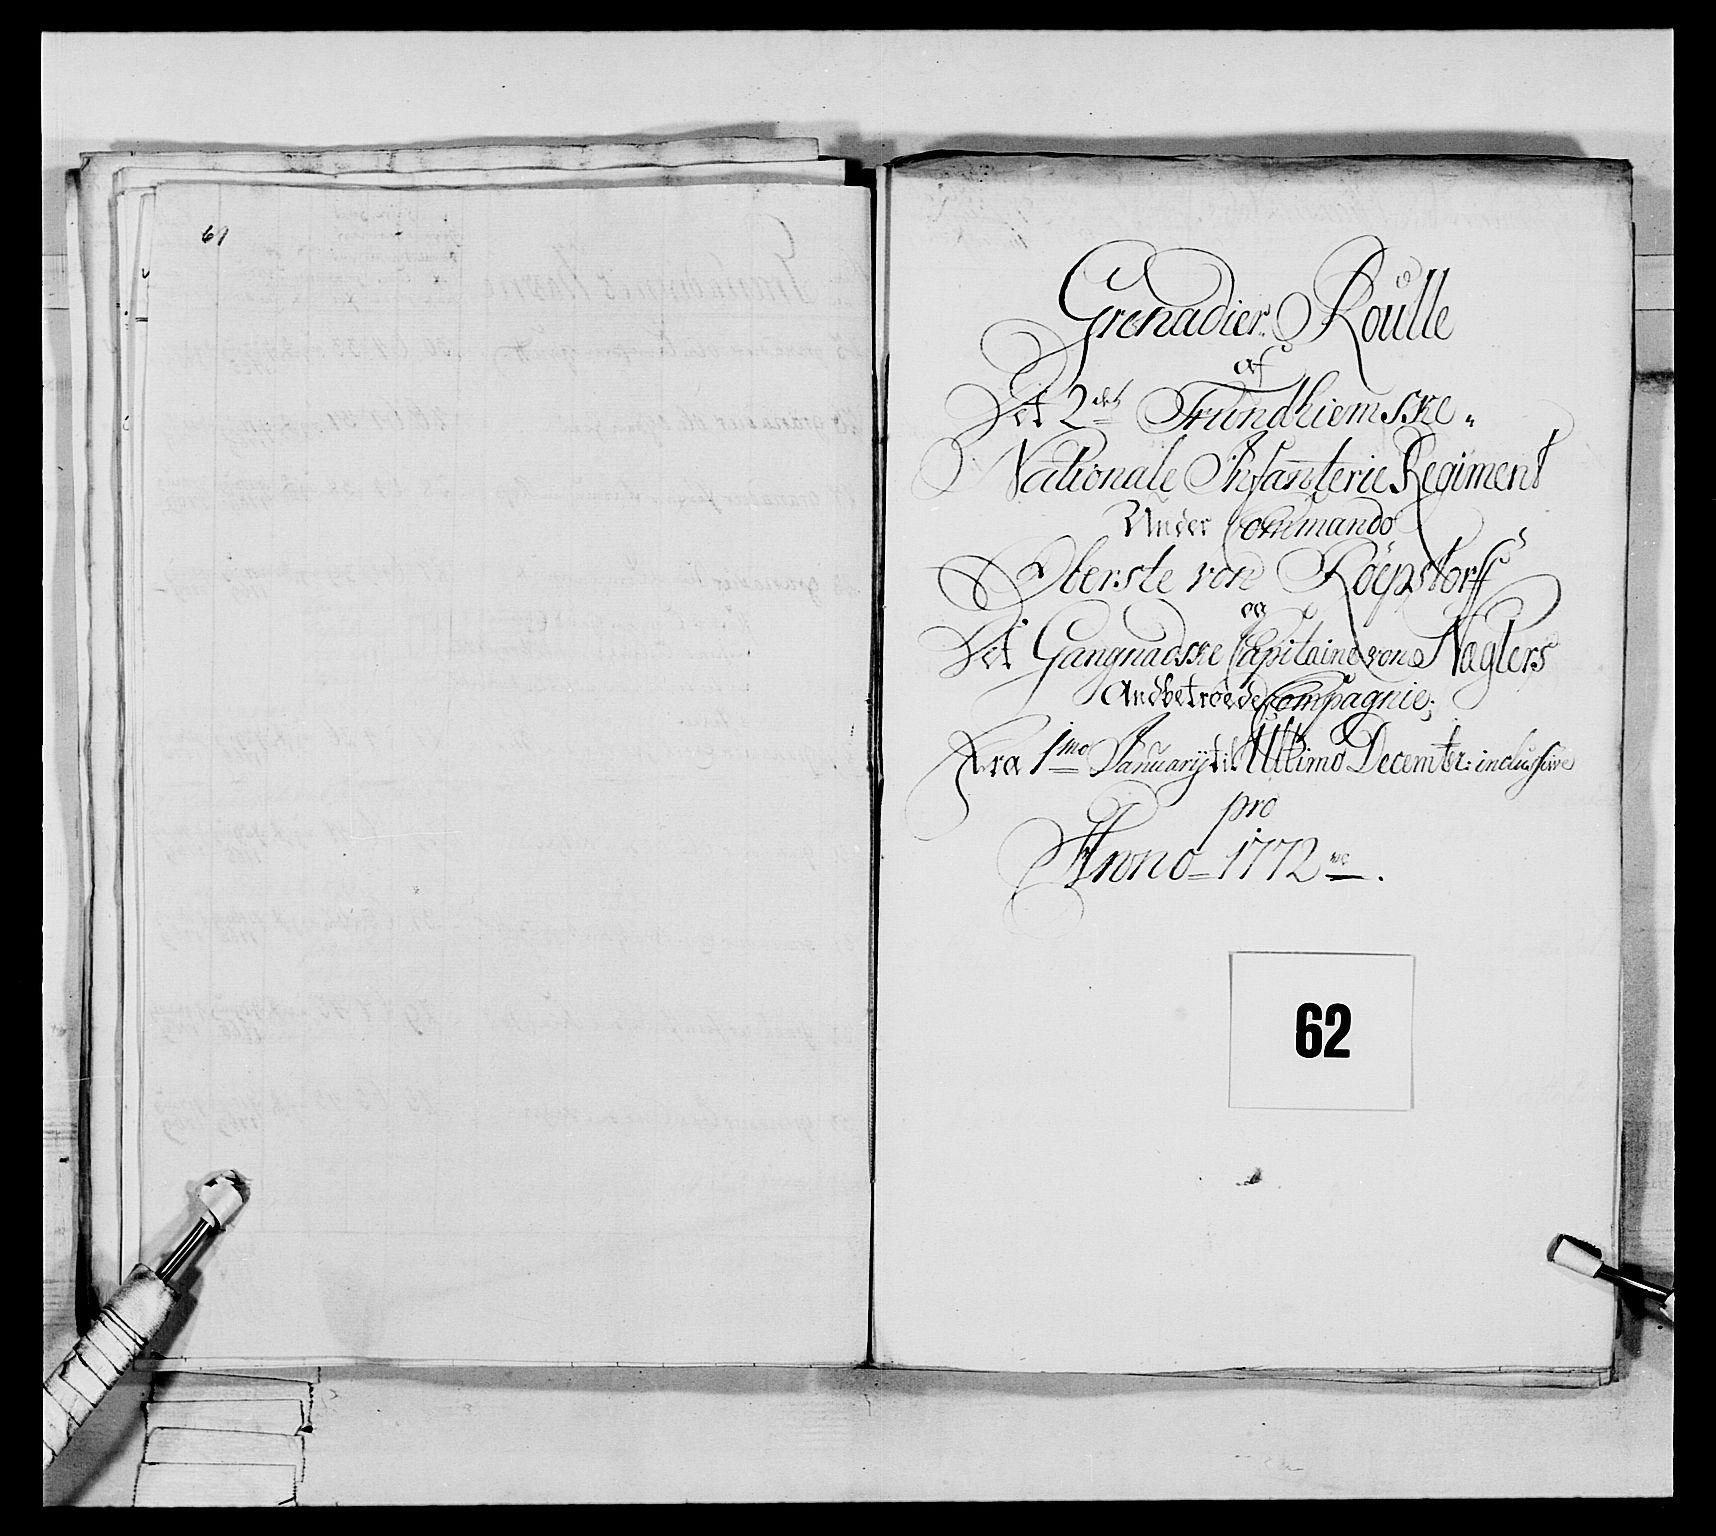 RA, Generalitets- og kommissariatskollegiet, Det kongelige norske kommissariatskollegium, E/Eh/L0076: 2. Trondheimske nasjonale infanteriregiment, 1766-1773, s. 216